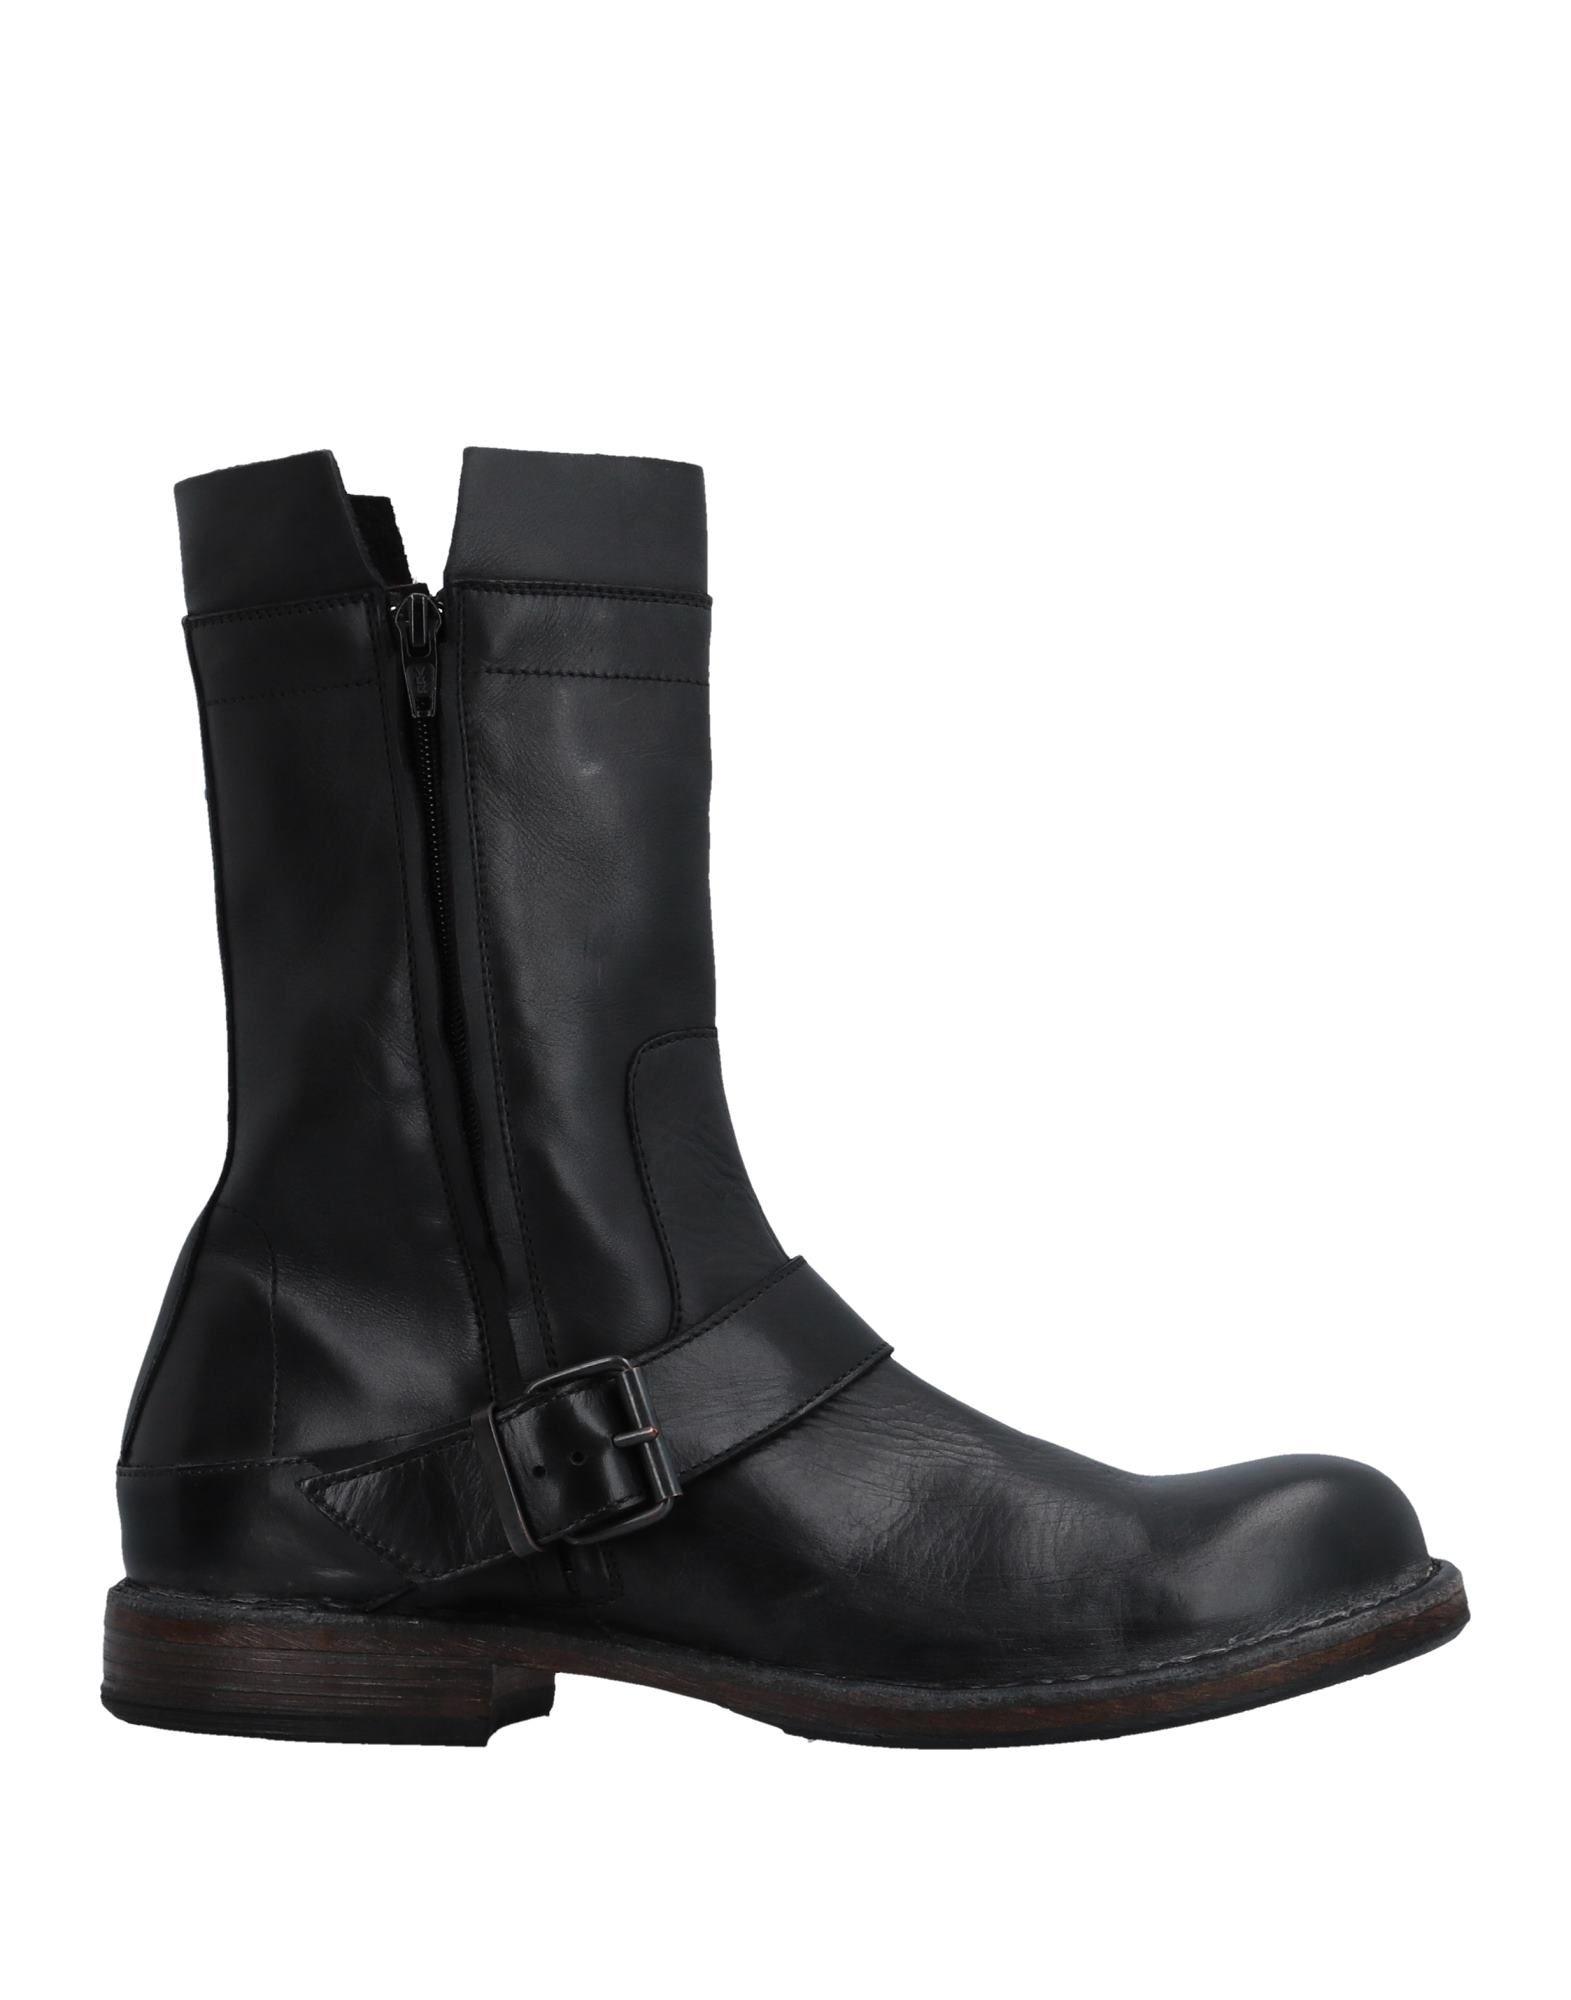 Moma Stiefelette Herren  11508855XR Gute Qualität beliebte Schuhe